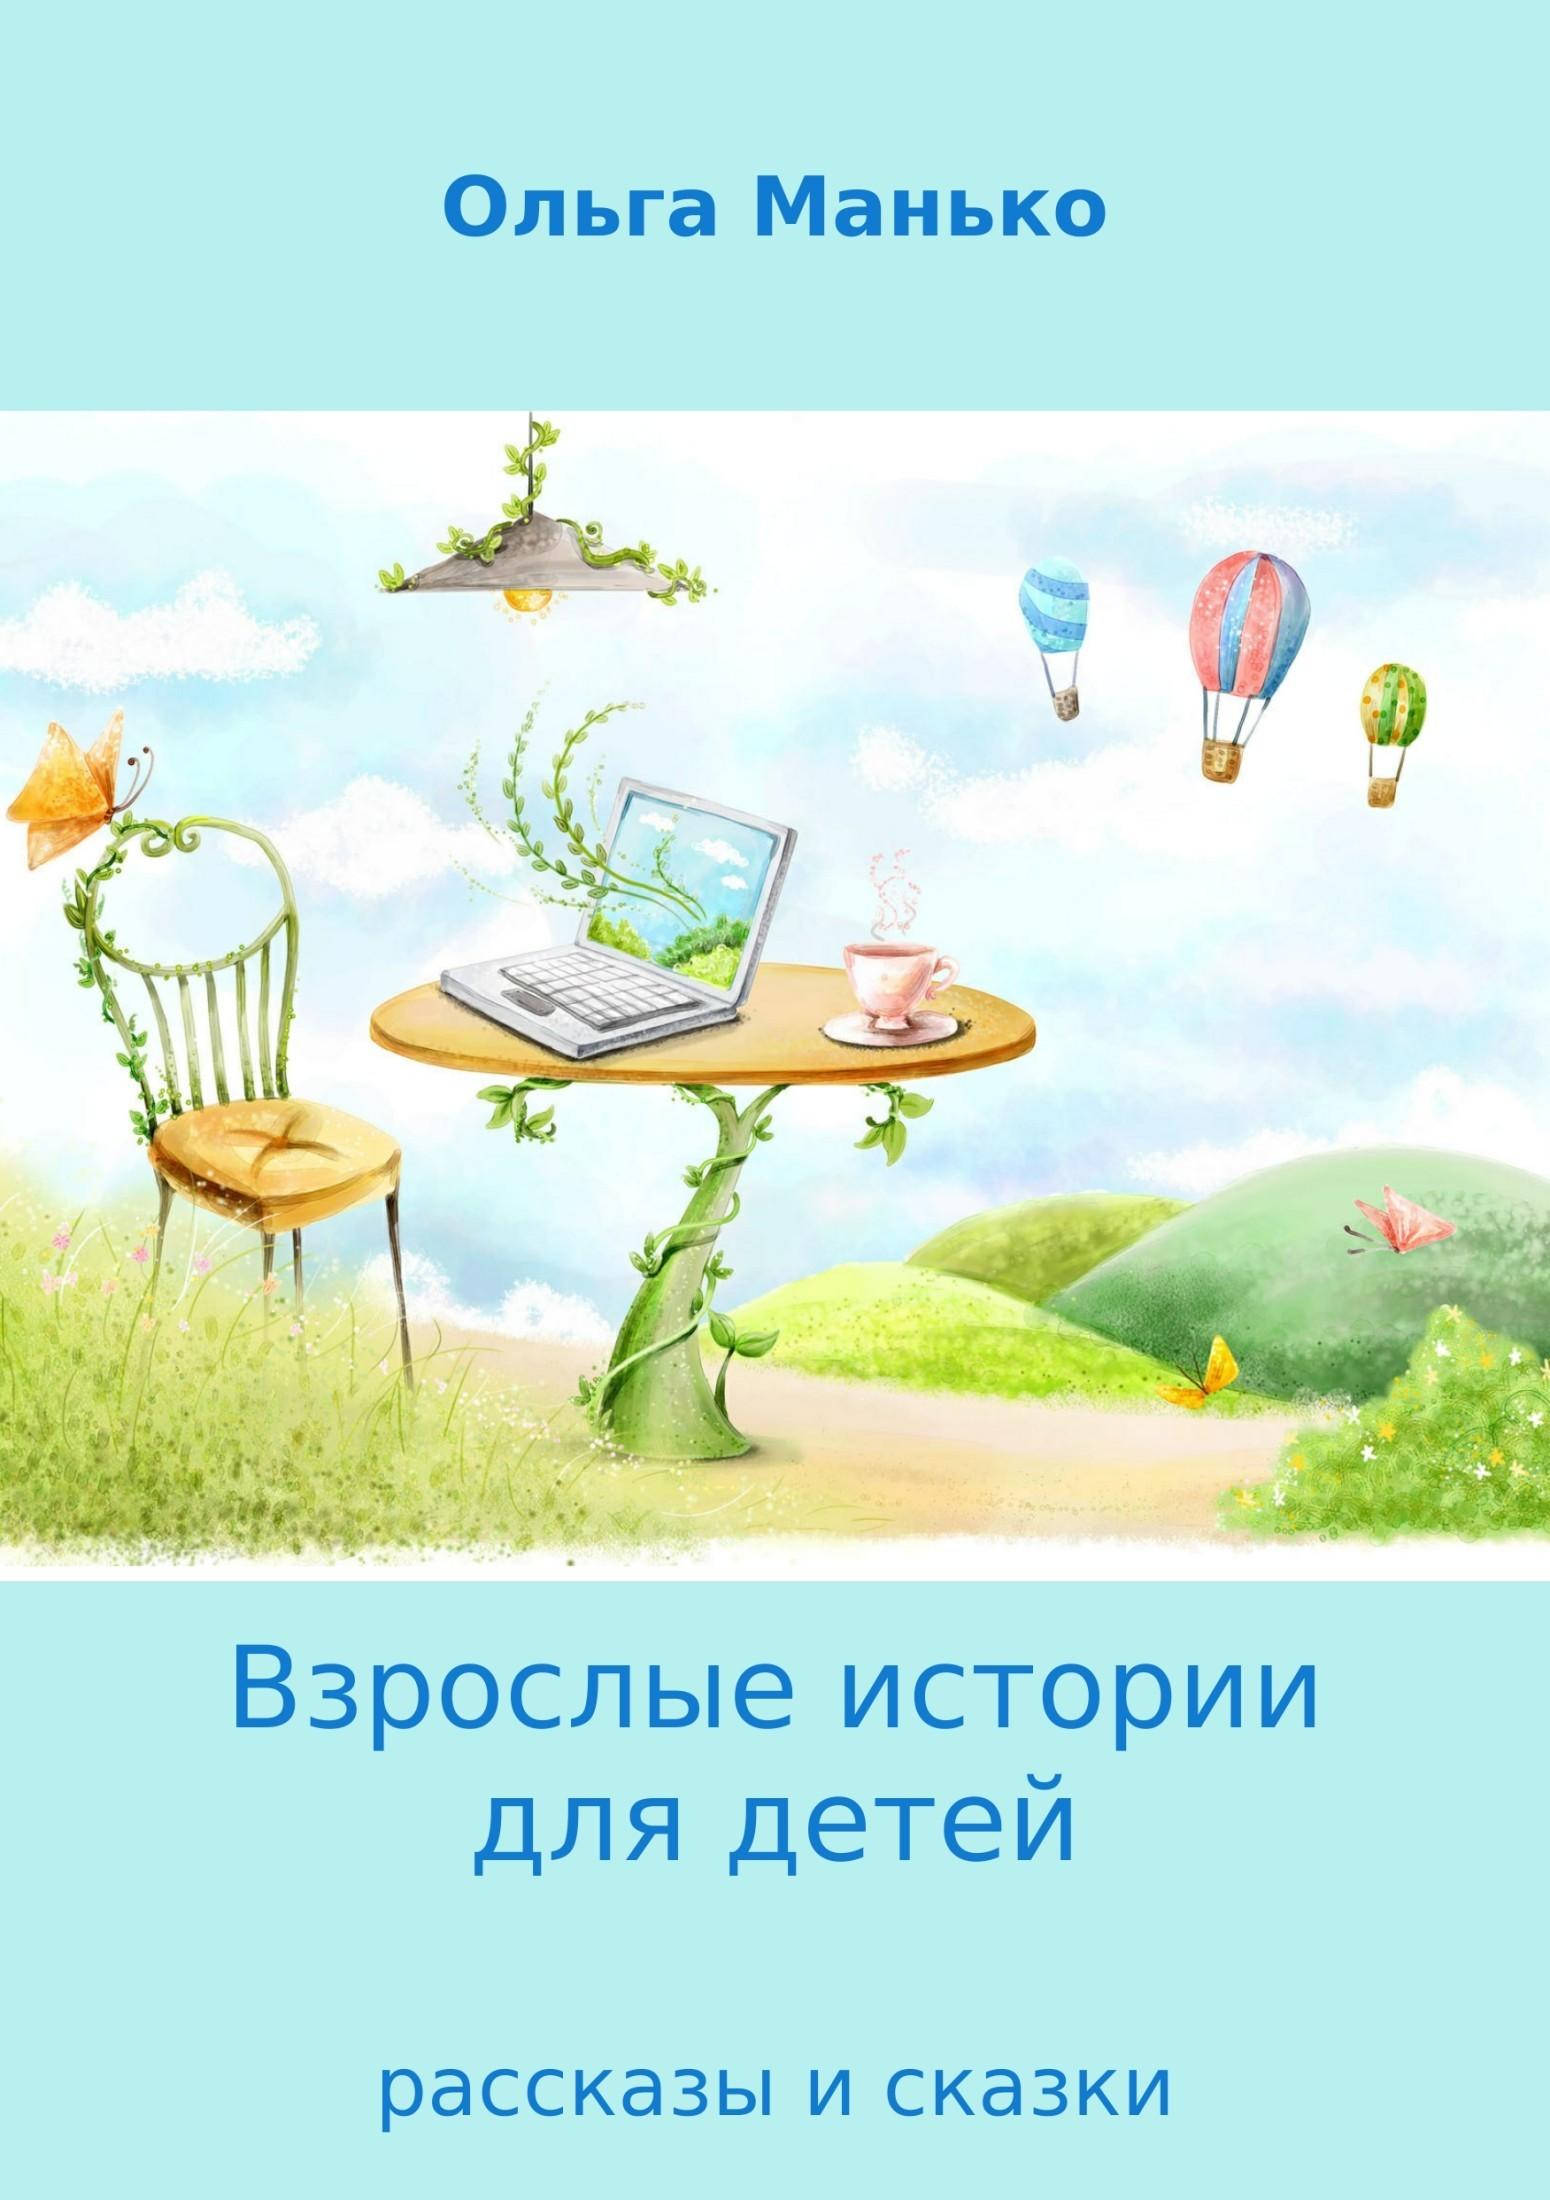 Ольга Манько - Взрослые истории для детей. Рассказы и сказки